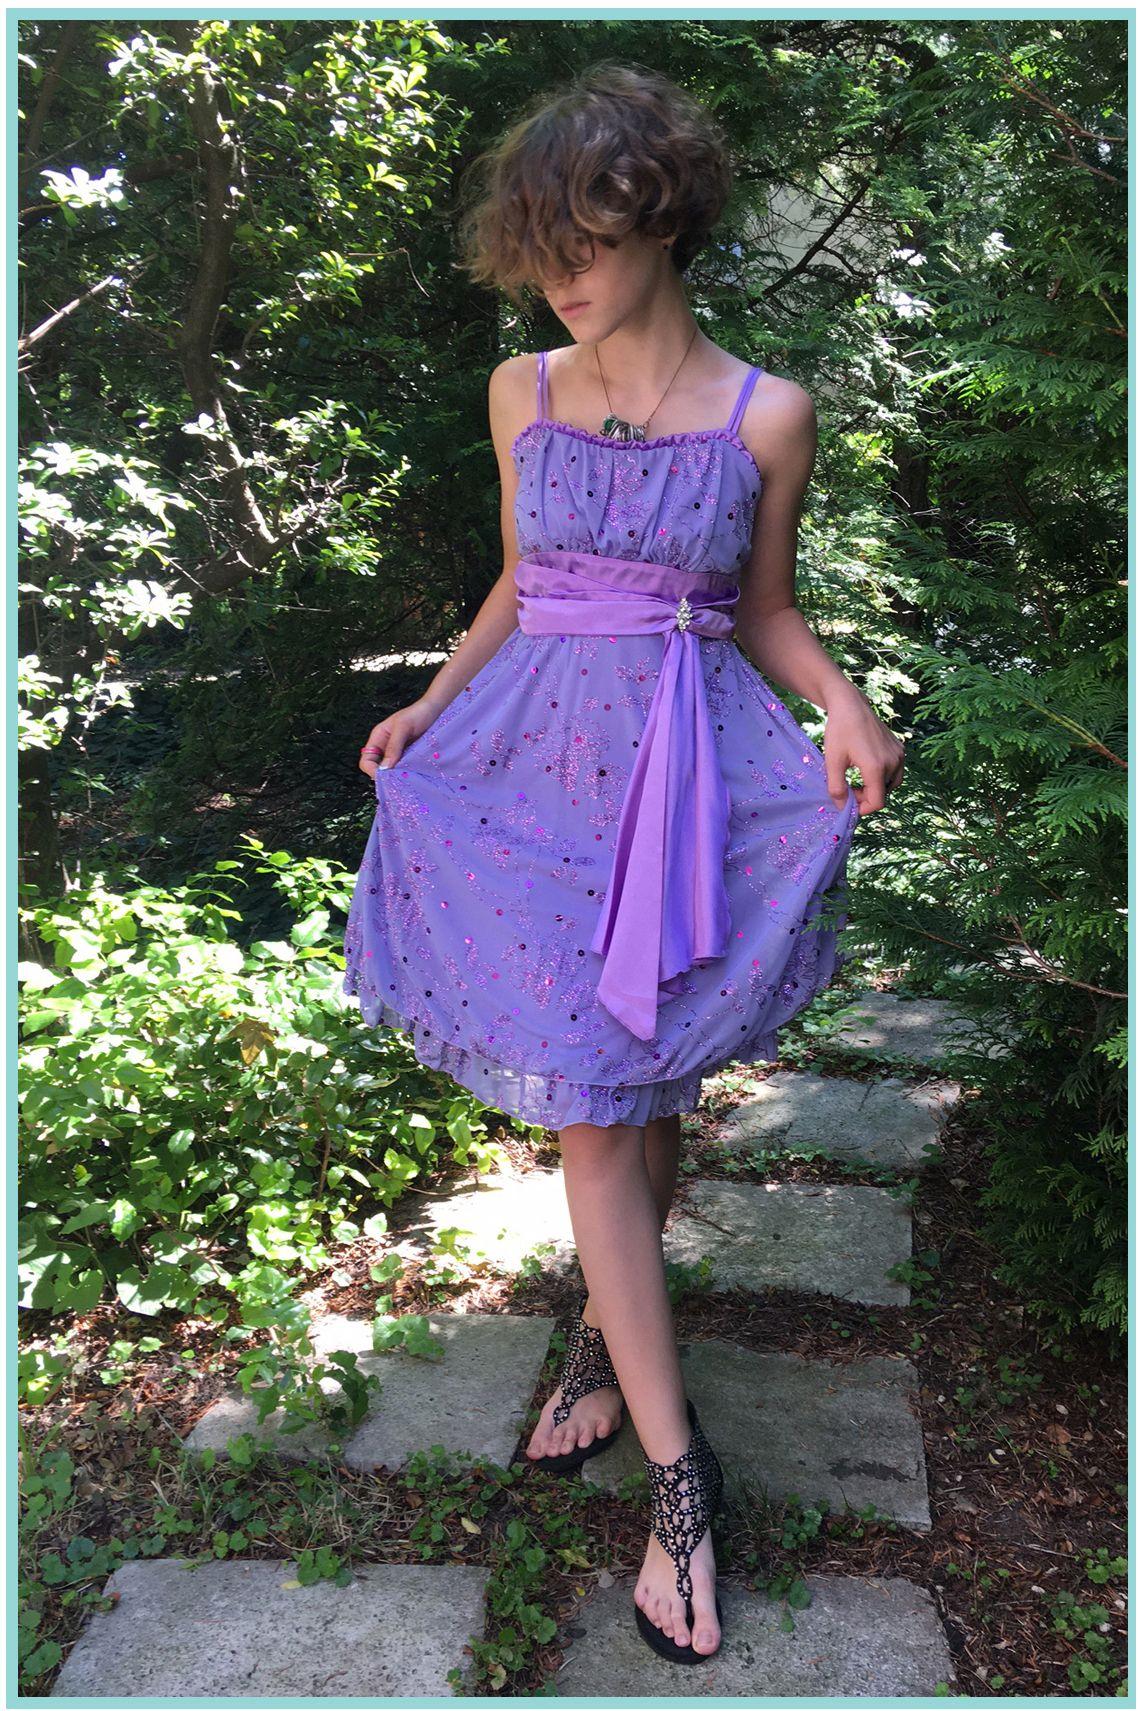 KO 010 23000.- Ft : swarovski kristályokkal díszített gyönyörű hercegnő ruha alkalomra